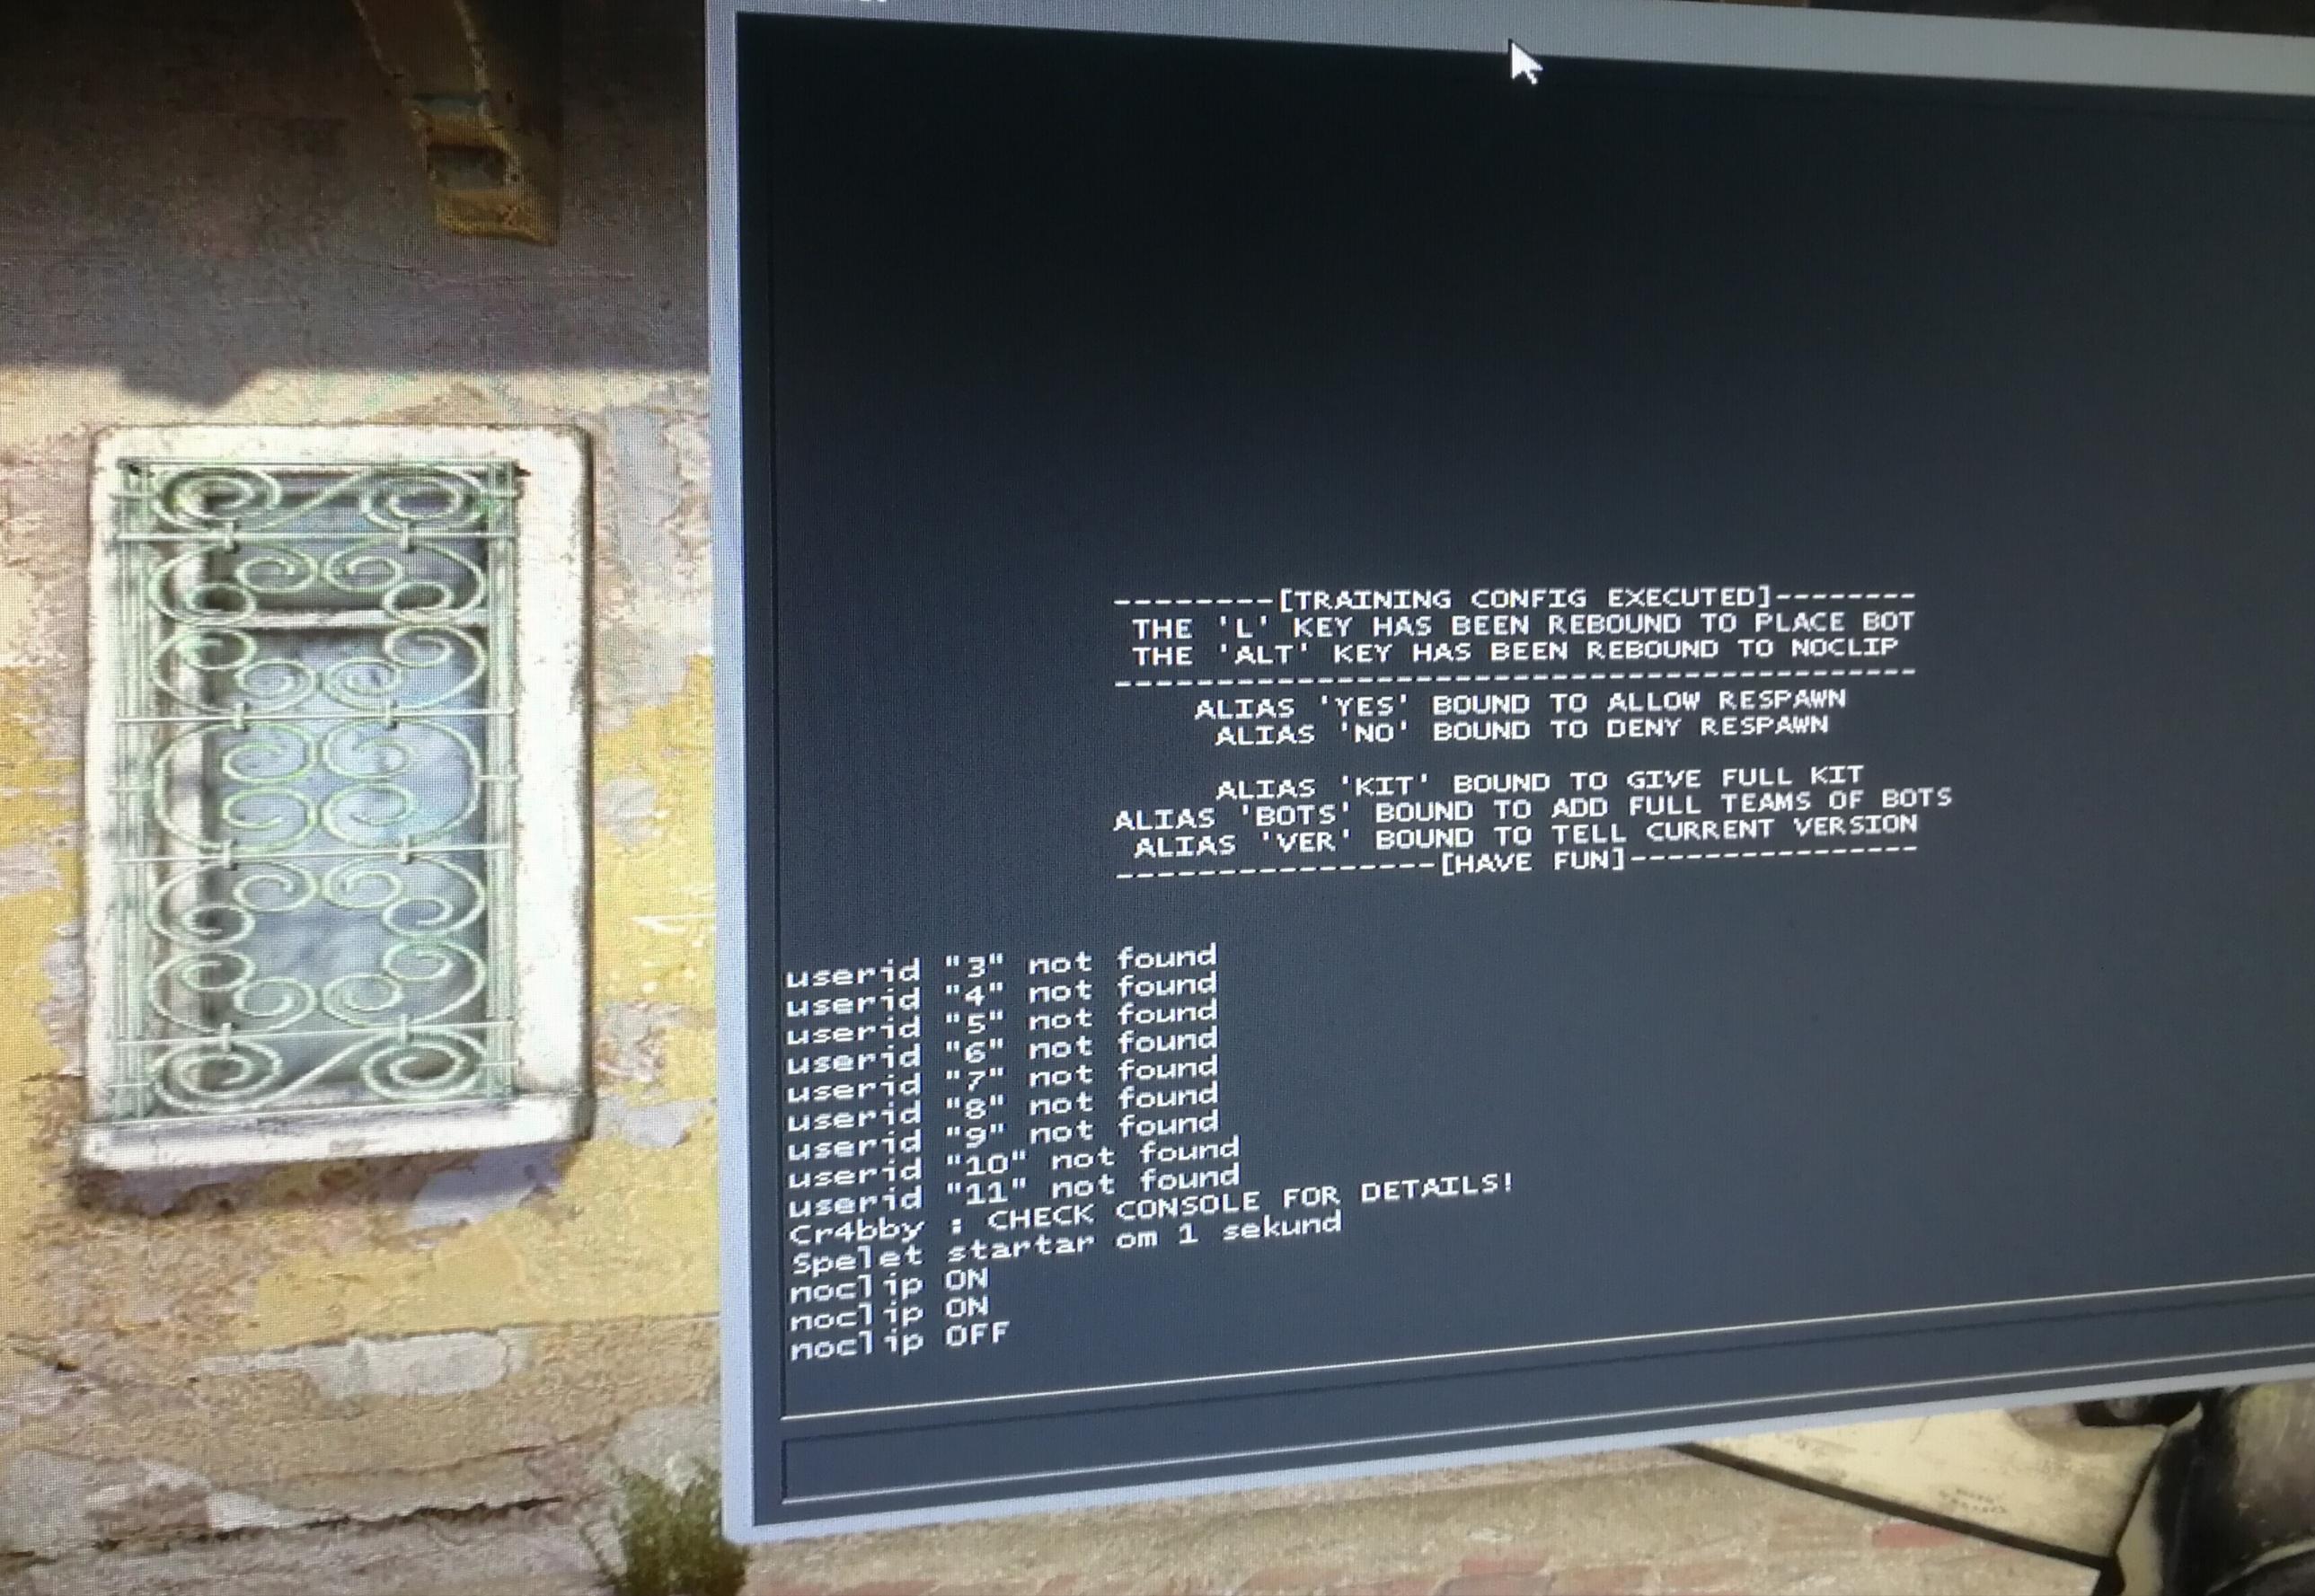 CS:GO konsollen - hur får man upp den? Vilka kommandon kan man använda i sin konsol?